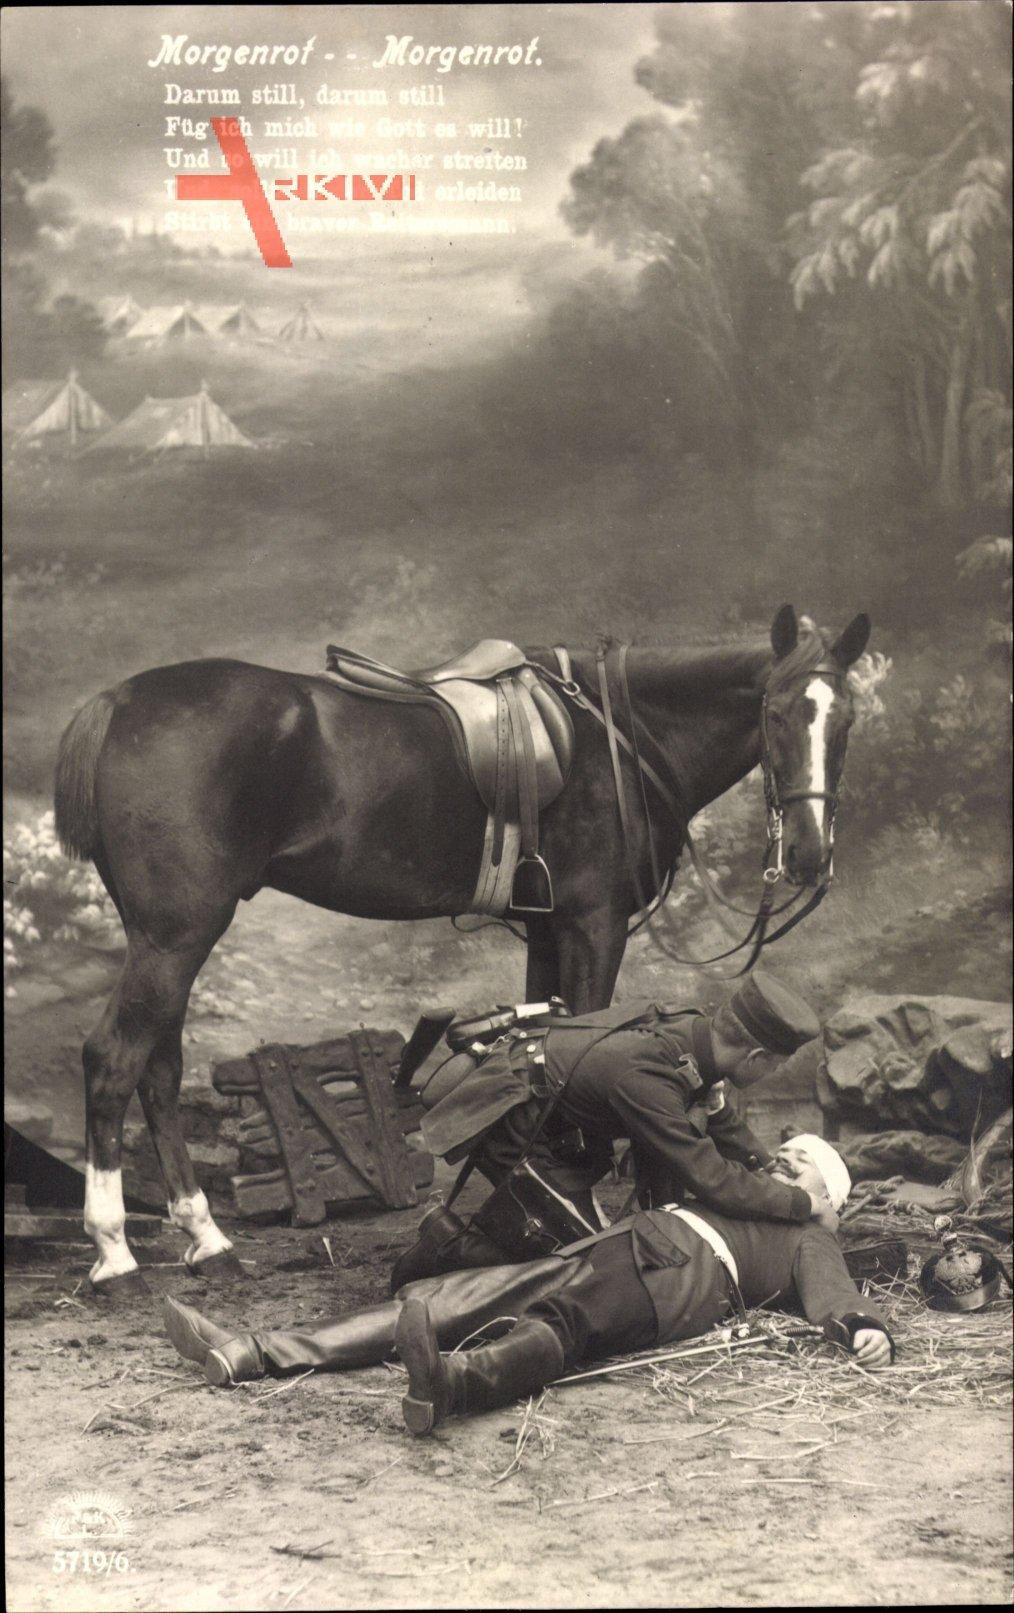 Morgenrot, Darum still, Füg ich mich wie Gott es will,Sterbender Soldat,Pferd